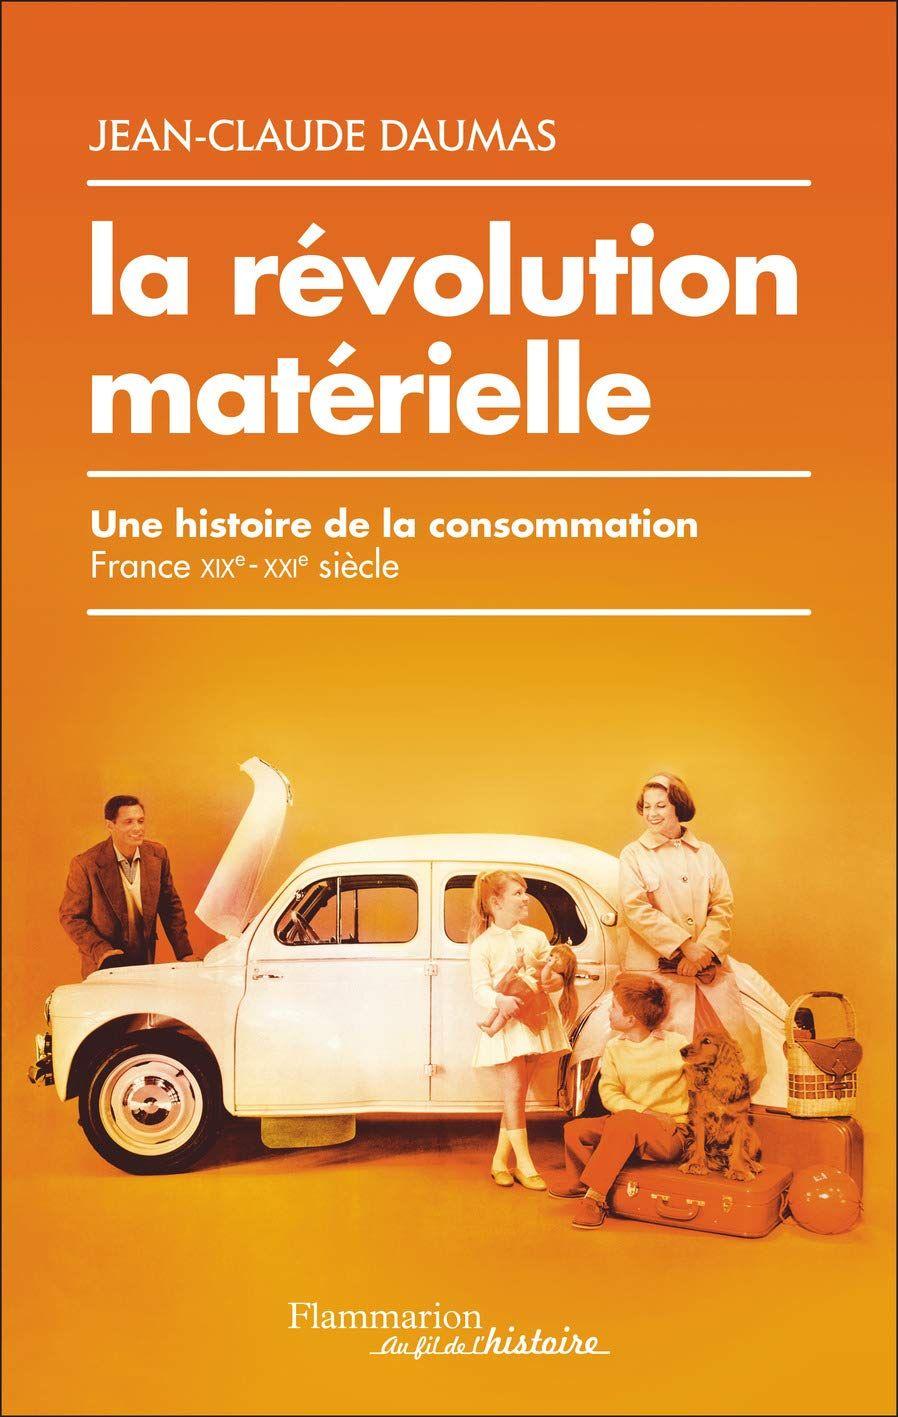 La révolution matérielle : Brillant, remarquablement intelligent et opportun